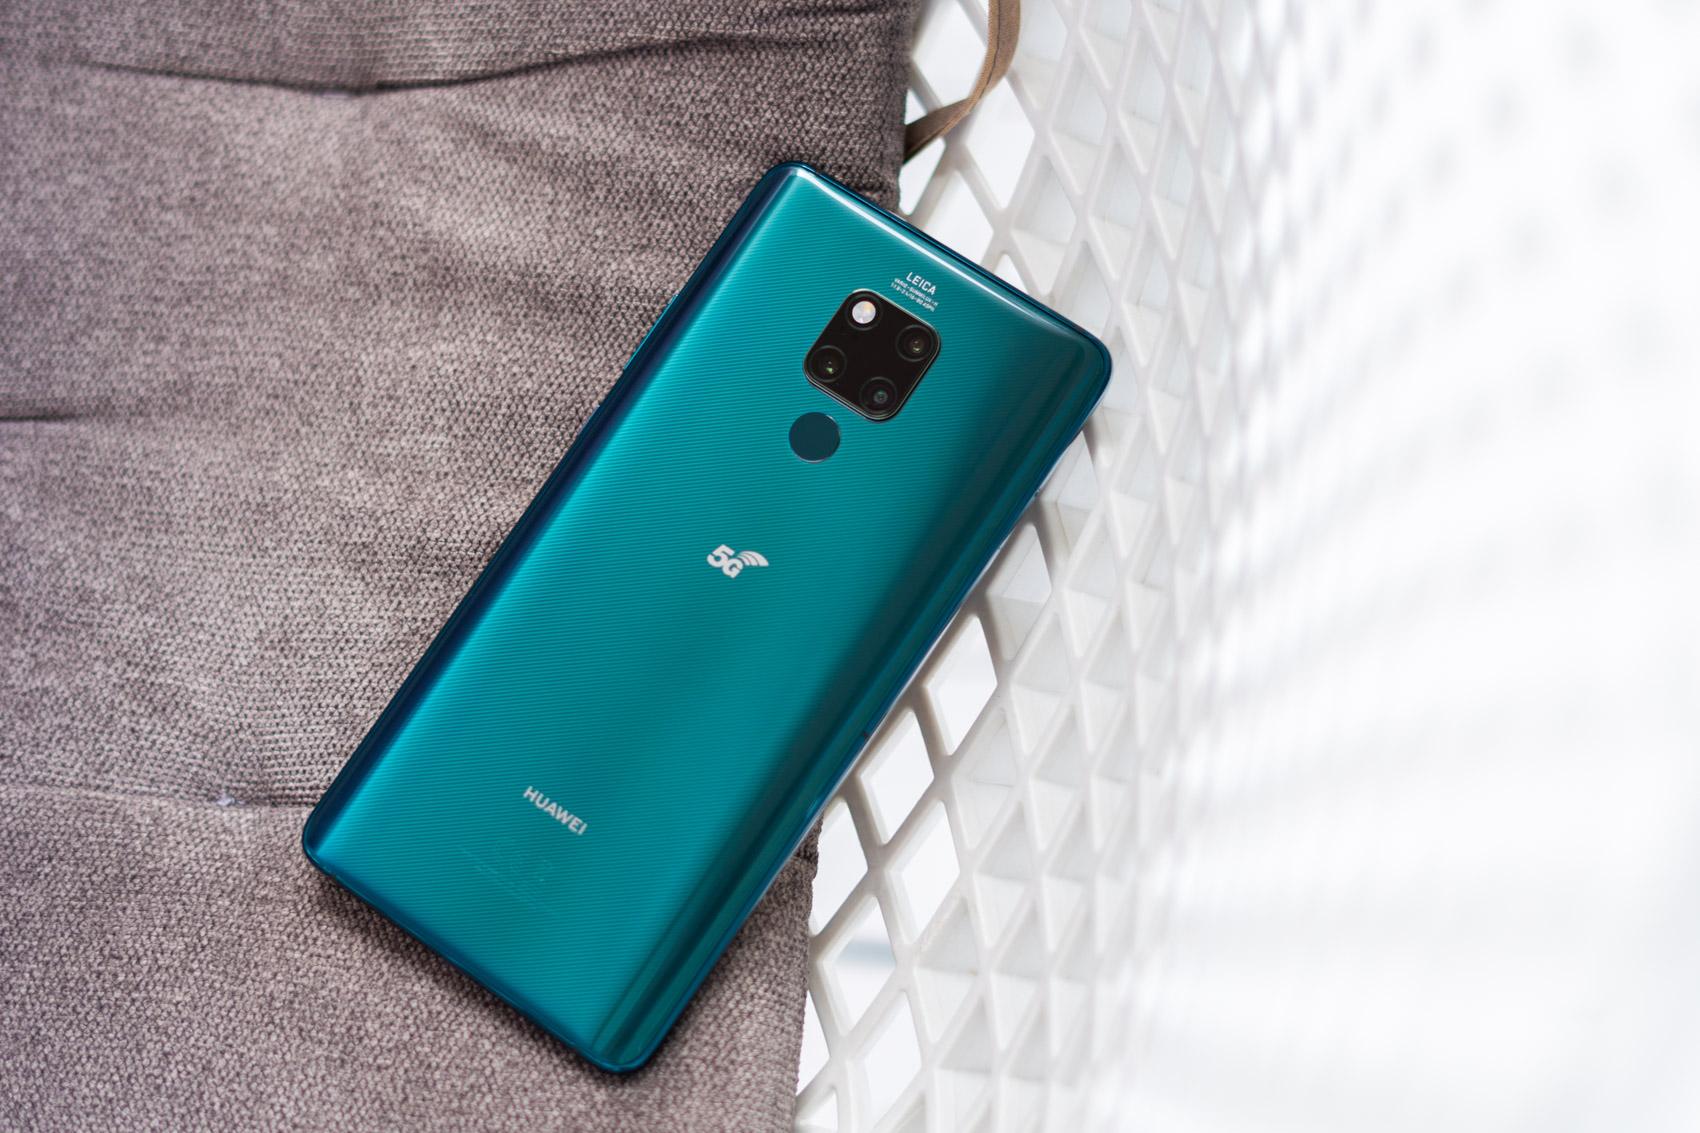 Poloniako lehen 5G telefonoa salgai dago orain.  Huaweia Mate 20 X 5G egiaztatzen dugu